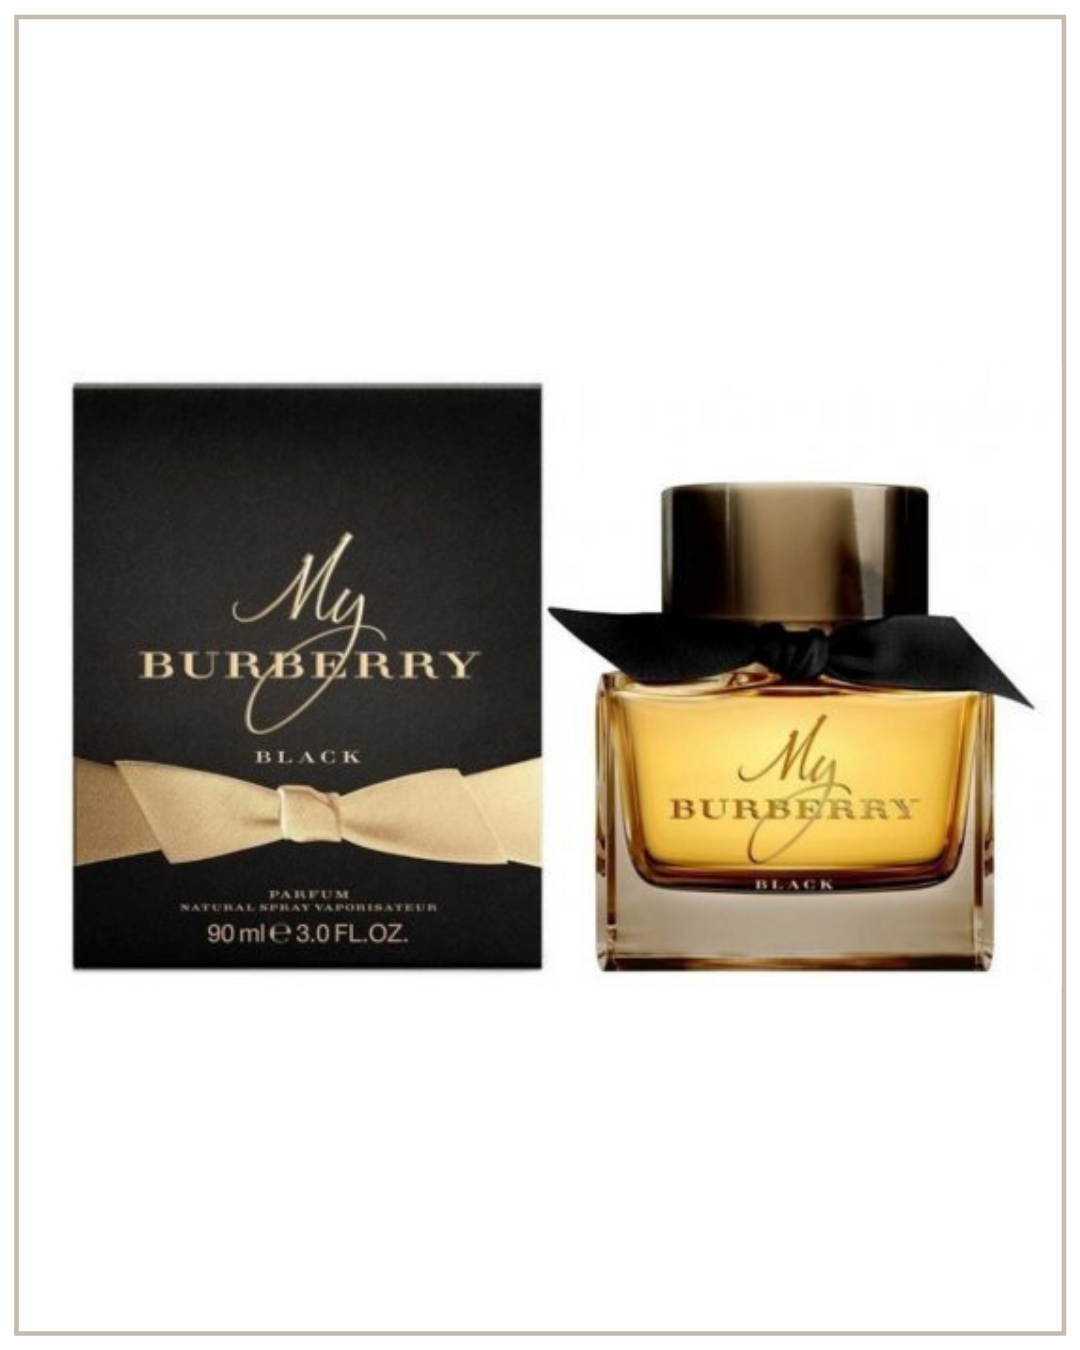 Burberry My Burberry Black Parfum EDP kvepalai moterims, 30ml